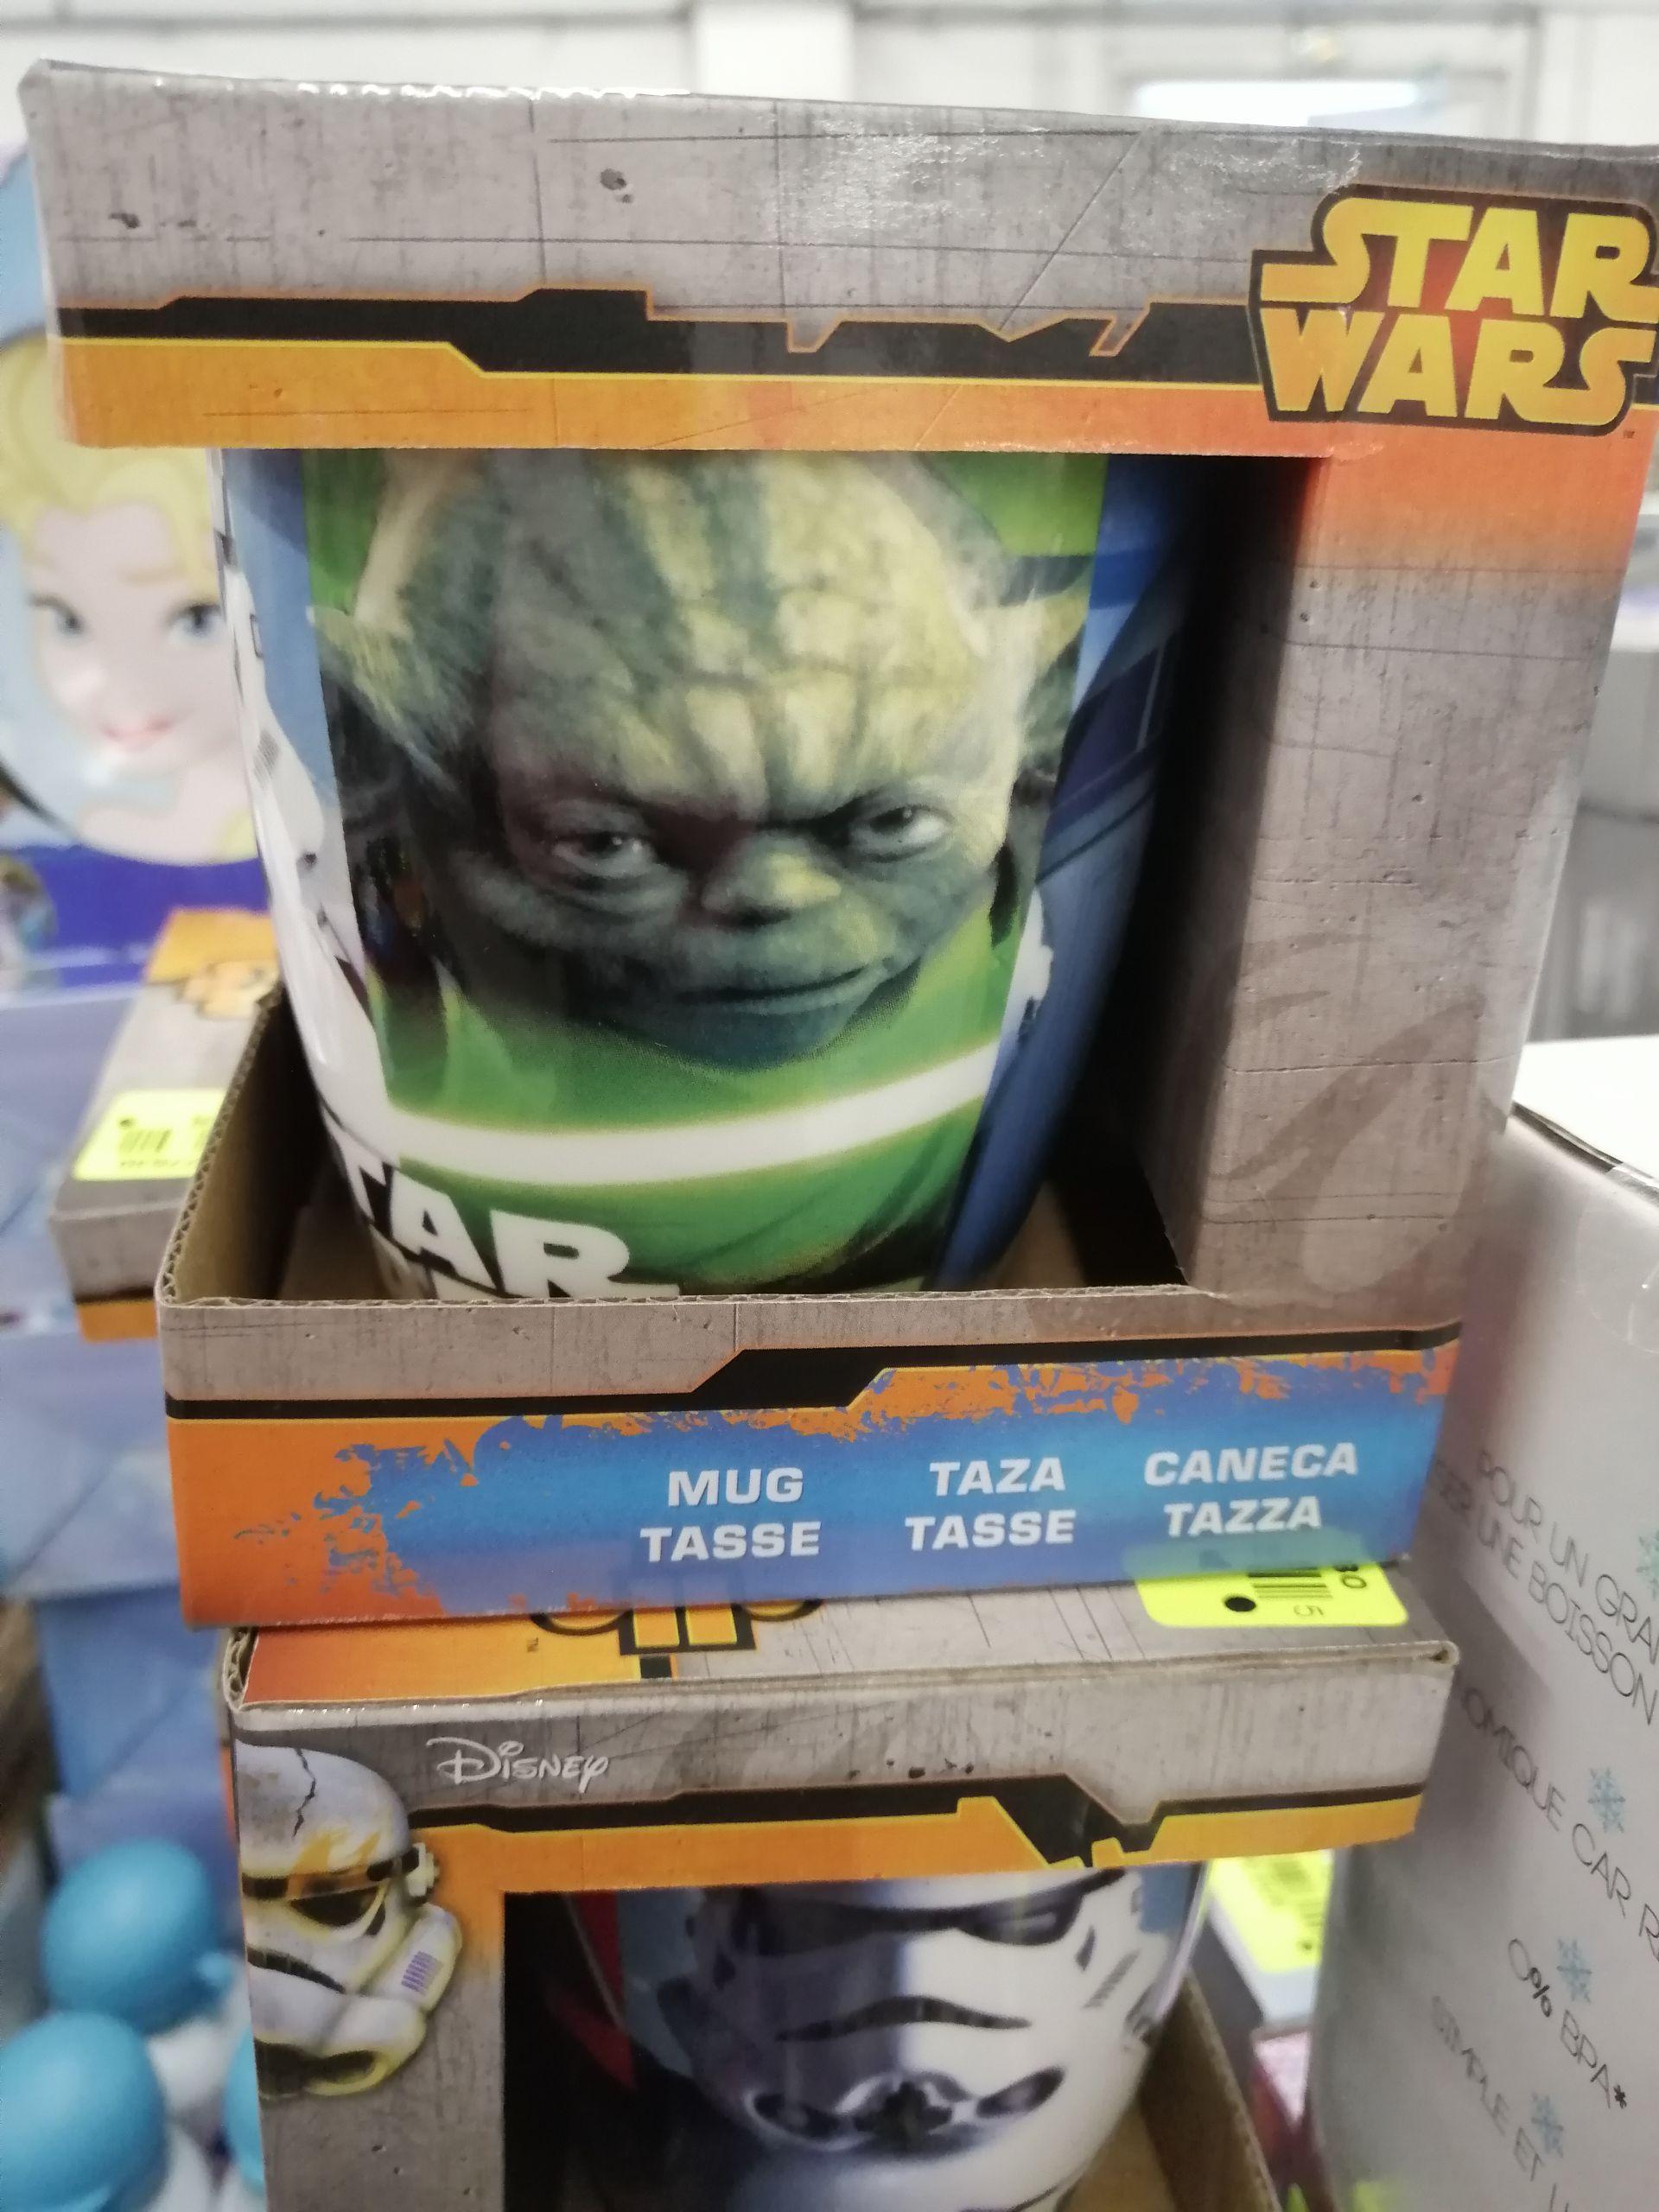 Mug Star Wars - Nœux-les-Mines (62)